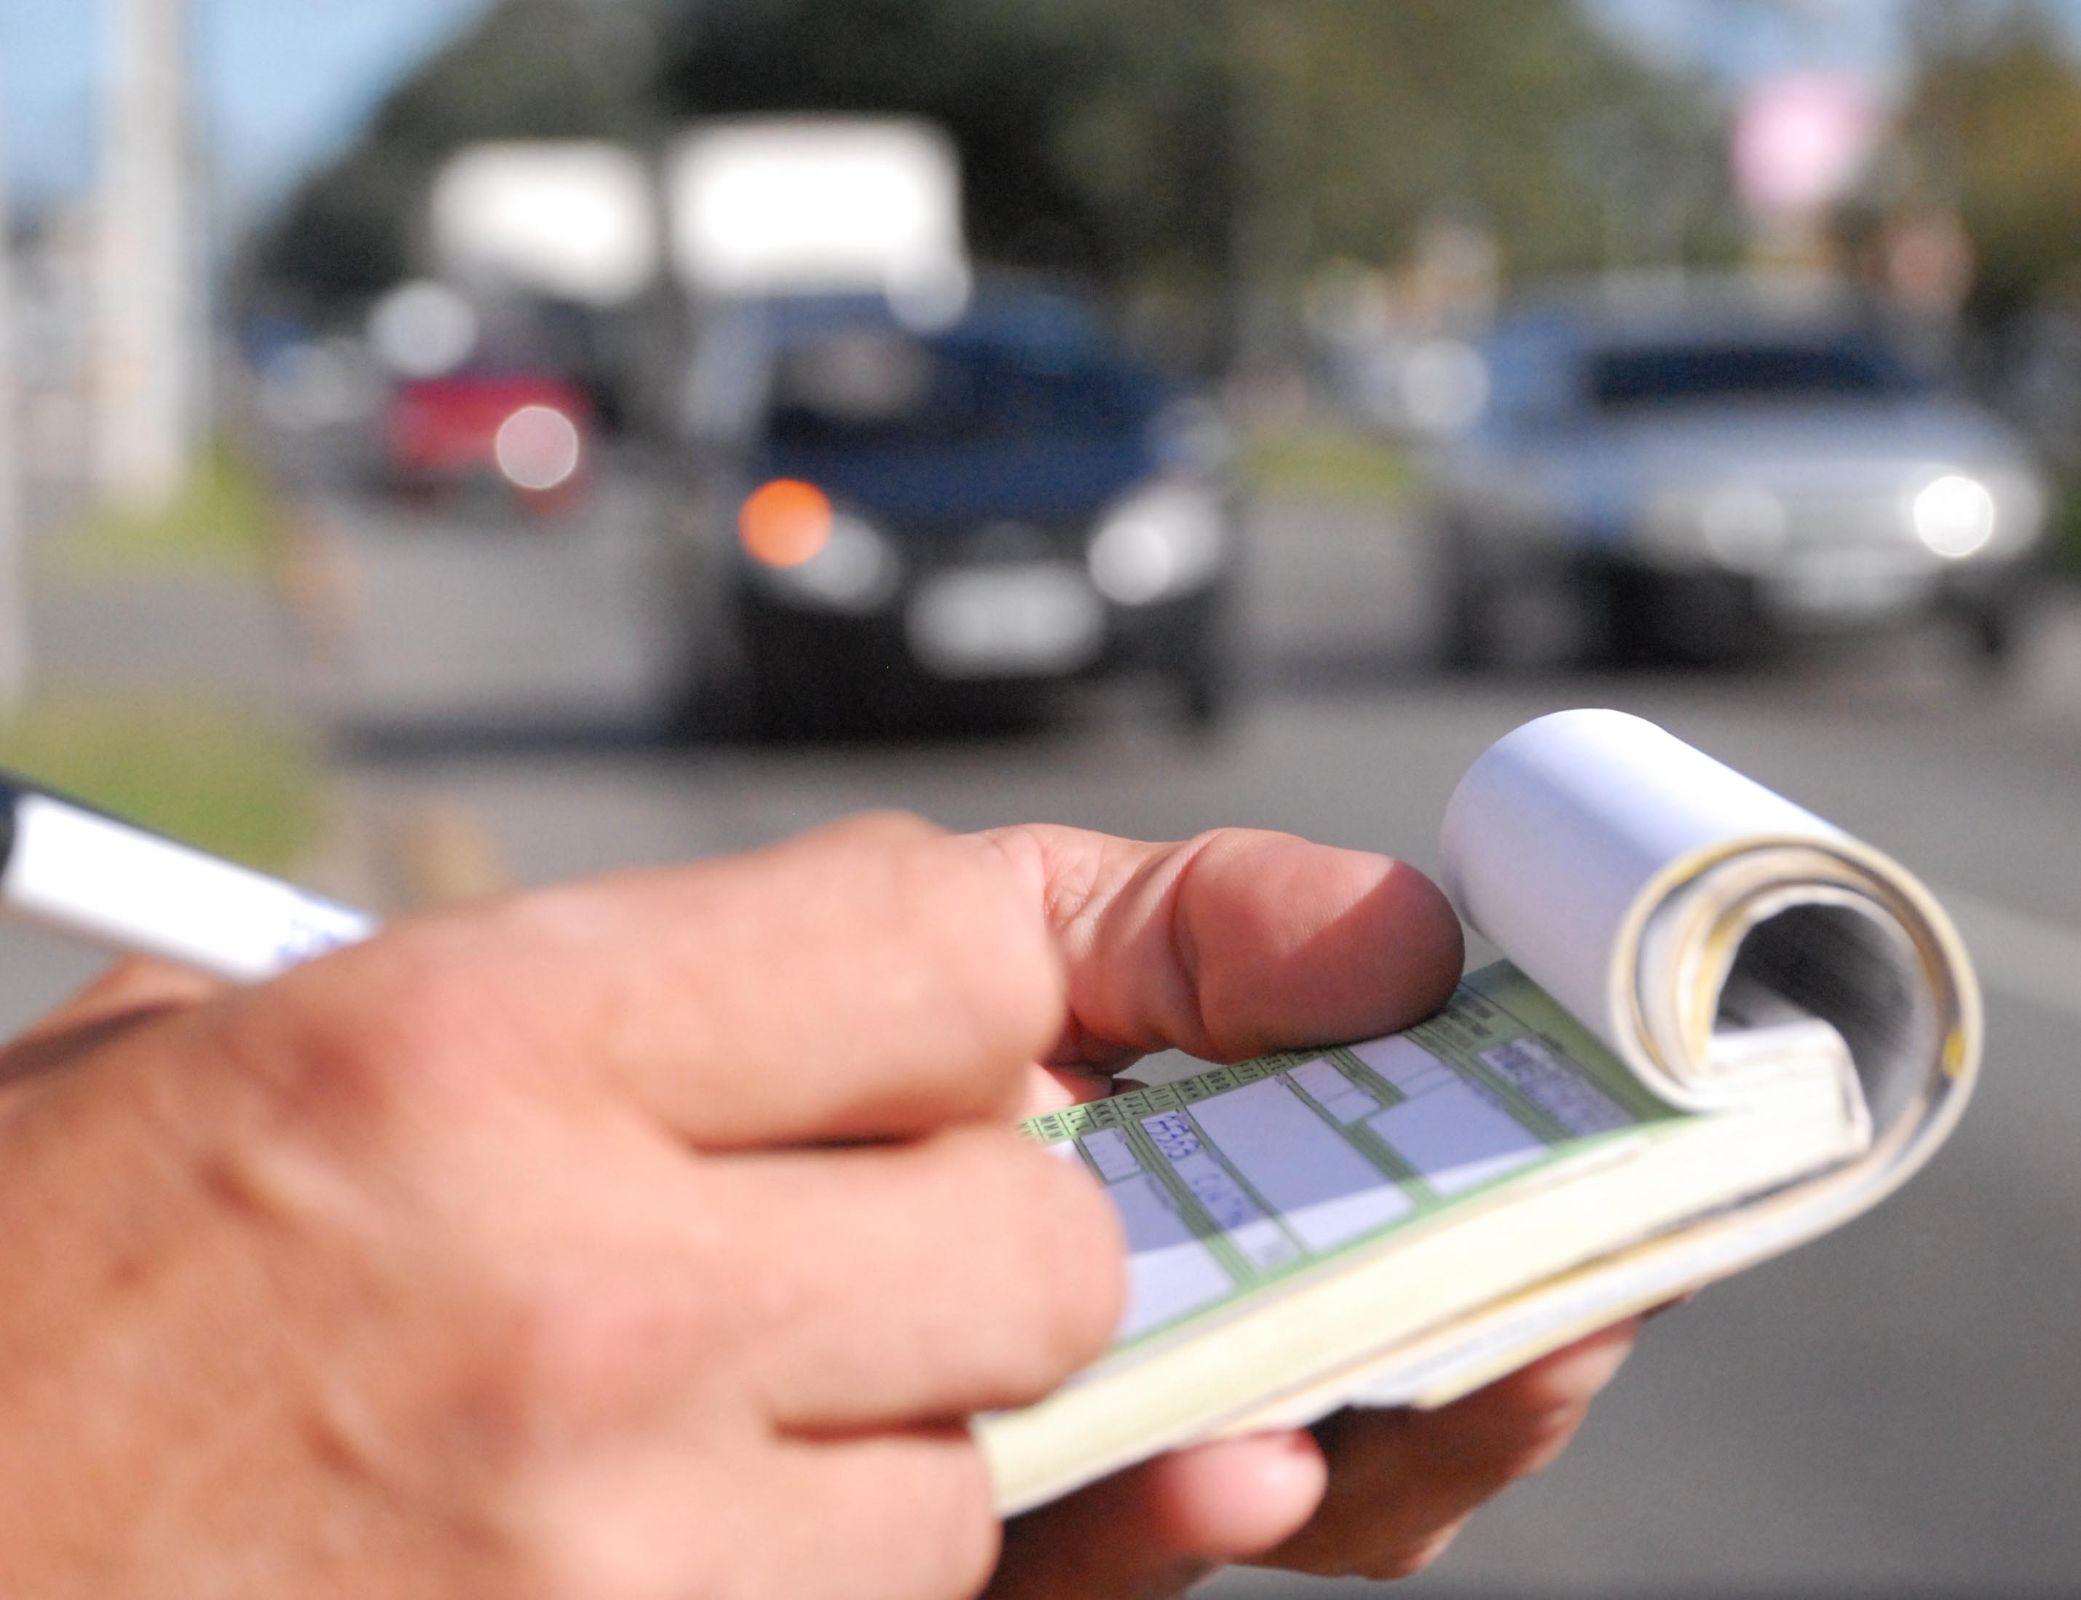 Contran aprova mudanças para o pagamento de multas de trânsito. Possibilidade do parcelamento no cartão de crédito foi publicada no DOU.